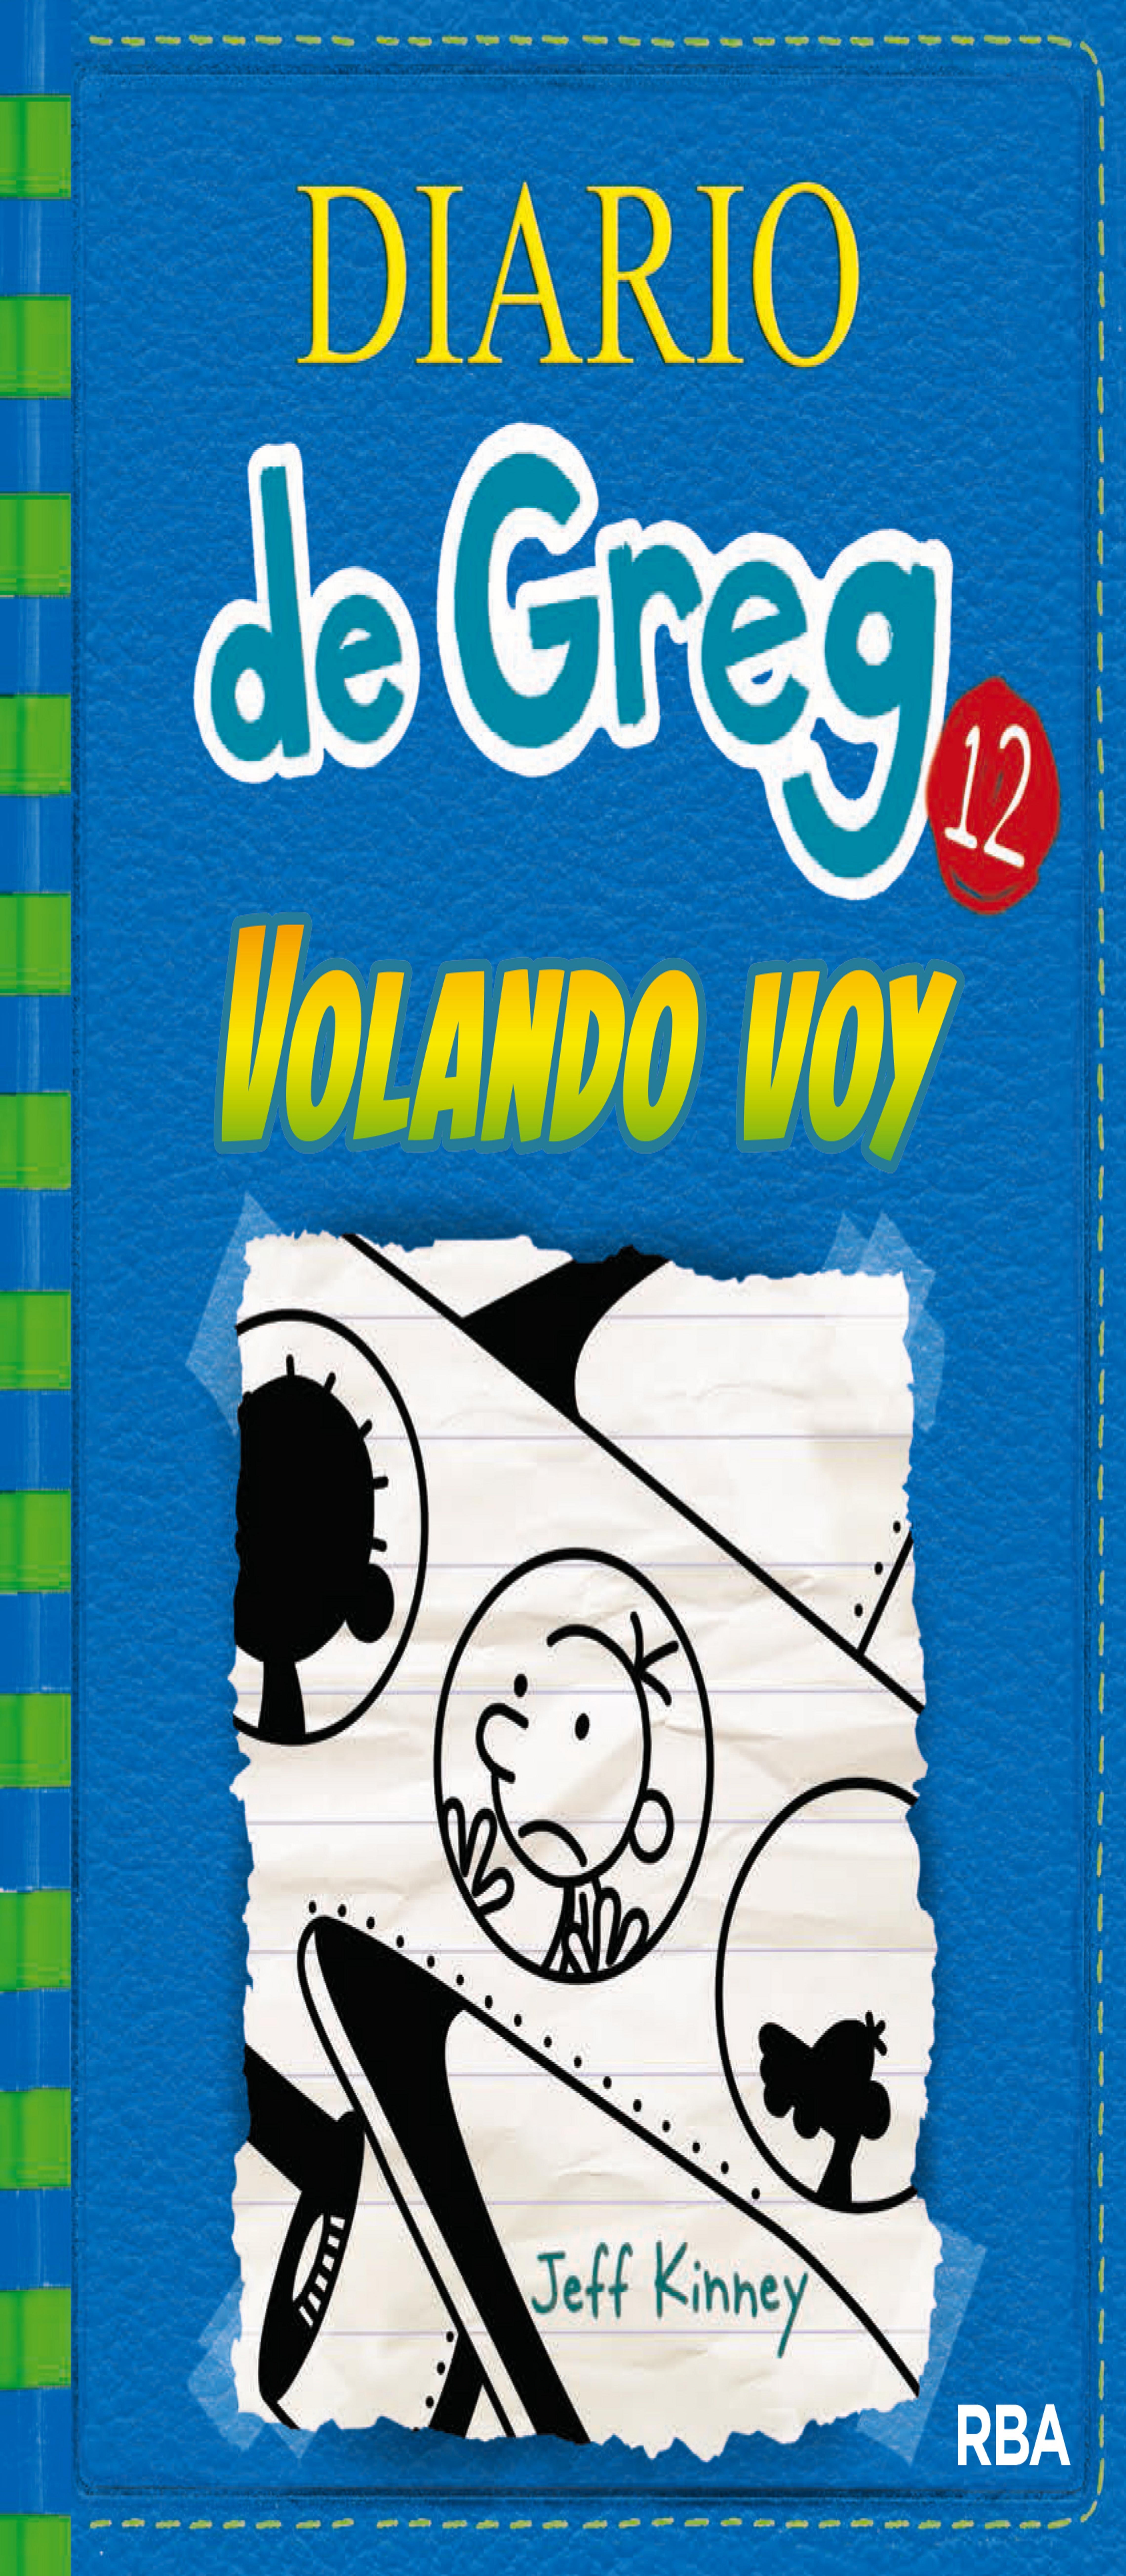 VOLANDO VOY - Diarion de Greg 12